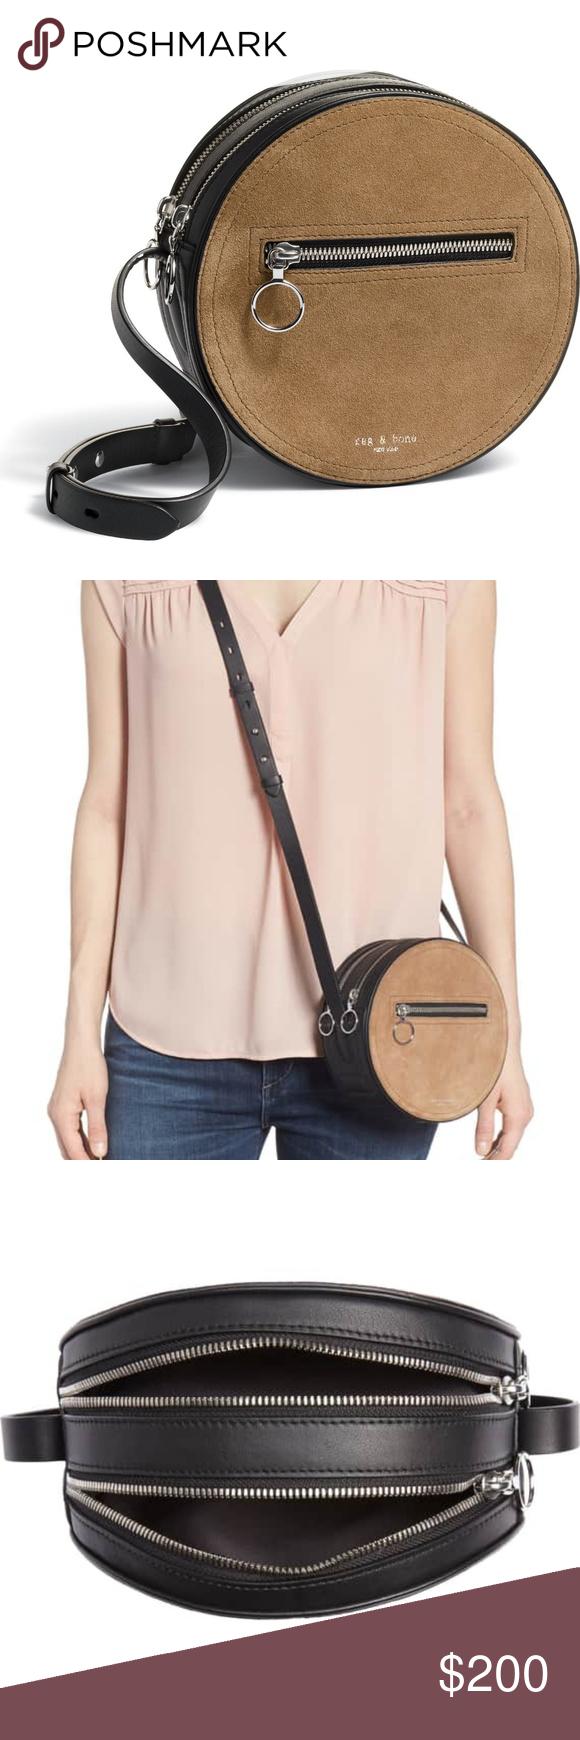 7127fbee4 Rag & Bone Circle Crossbody Bag 💕 Like new Rag and Bone suede and  leather